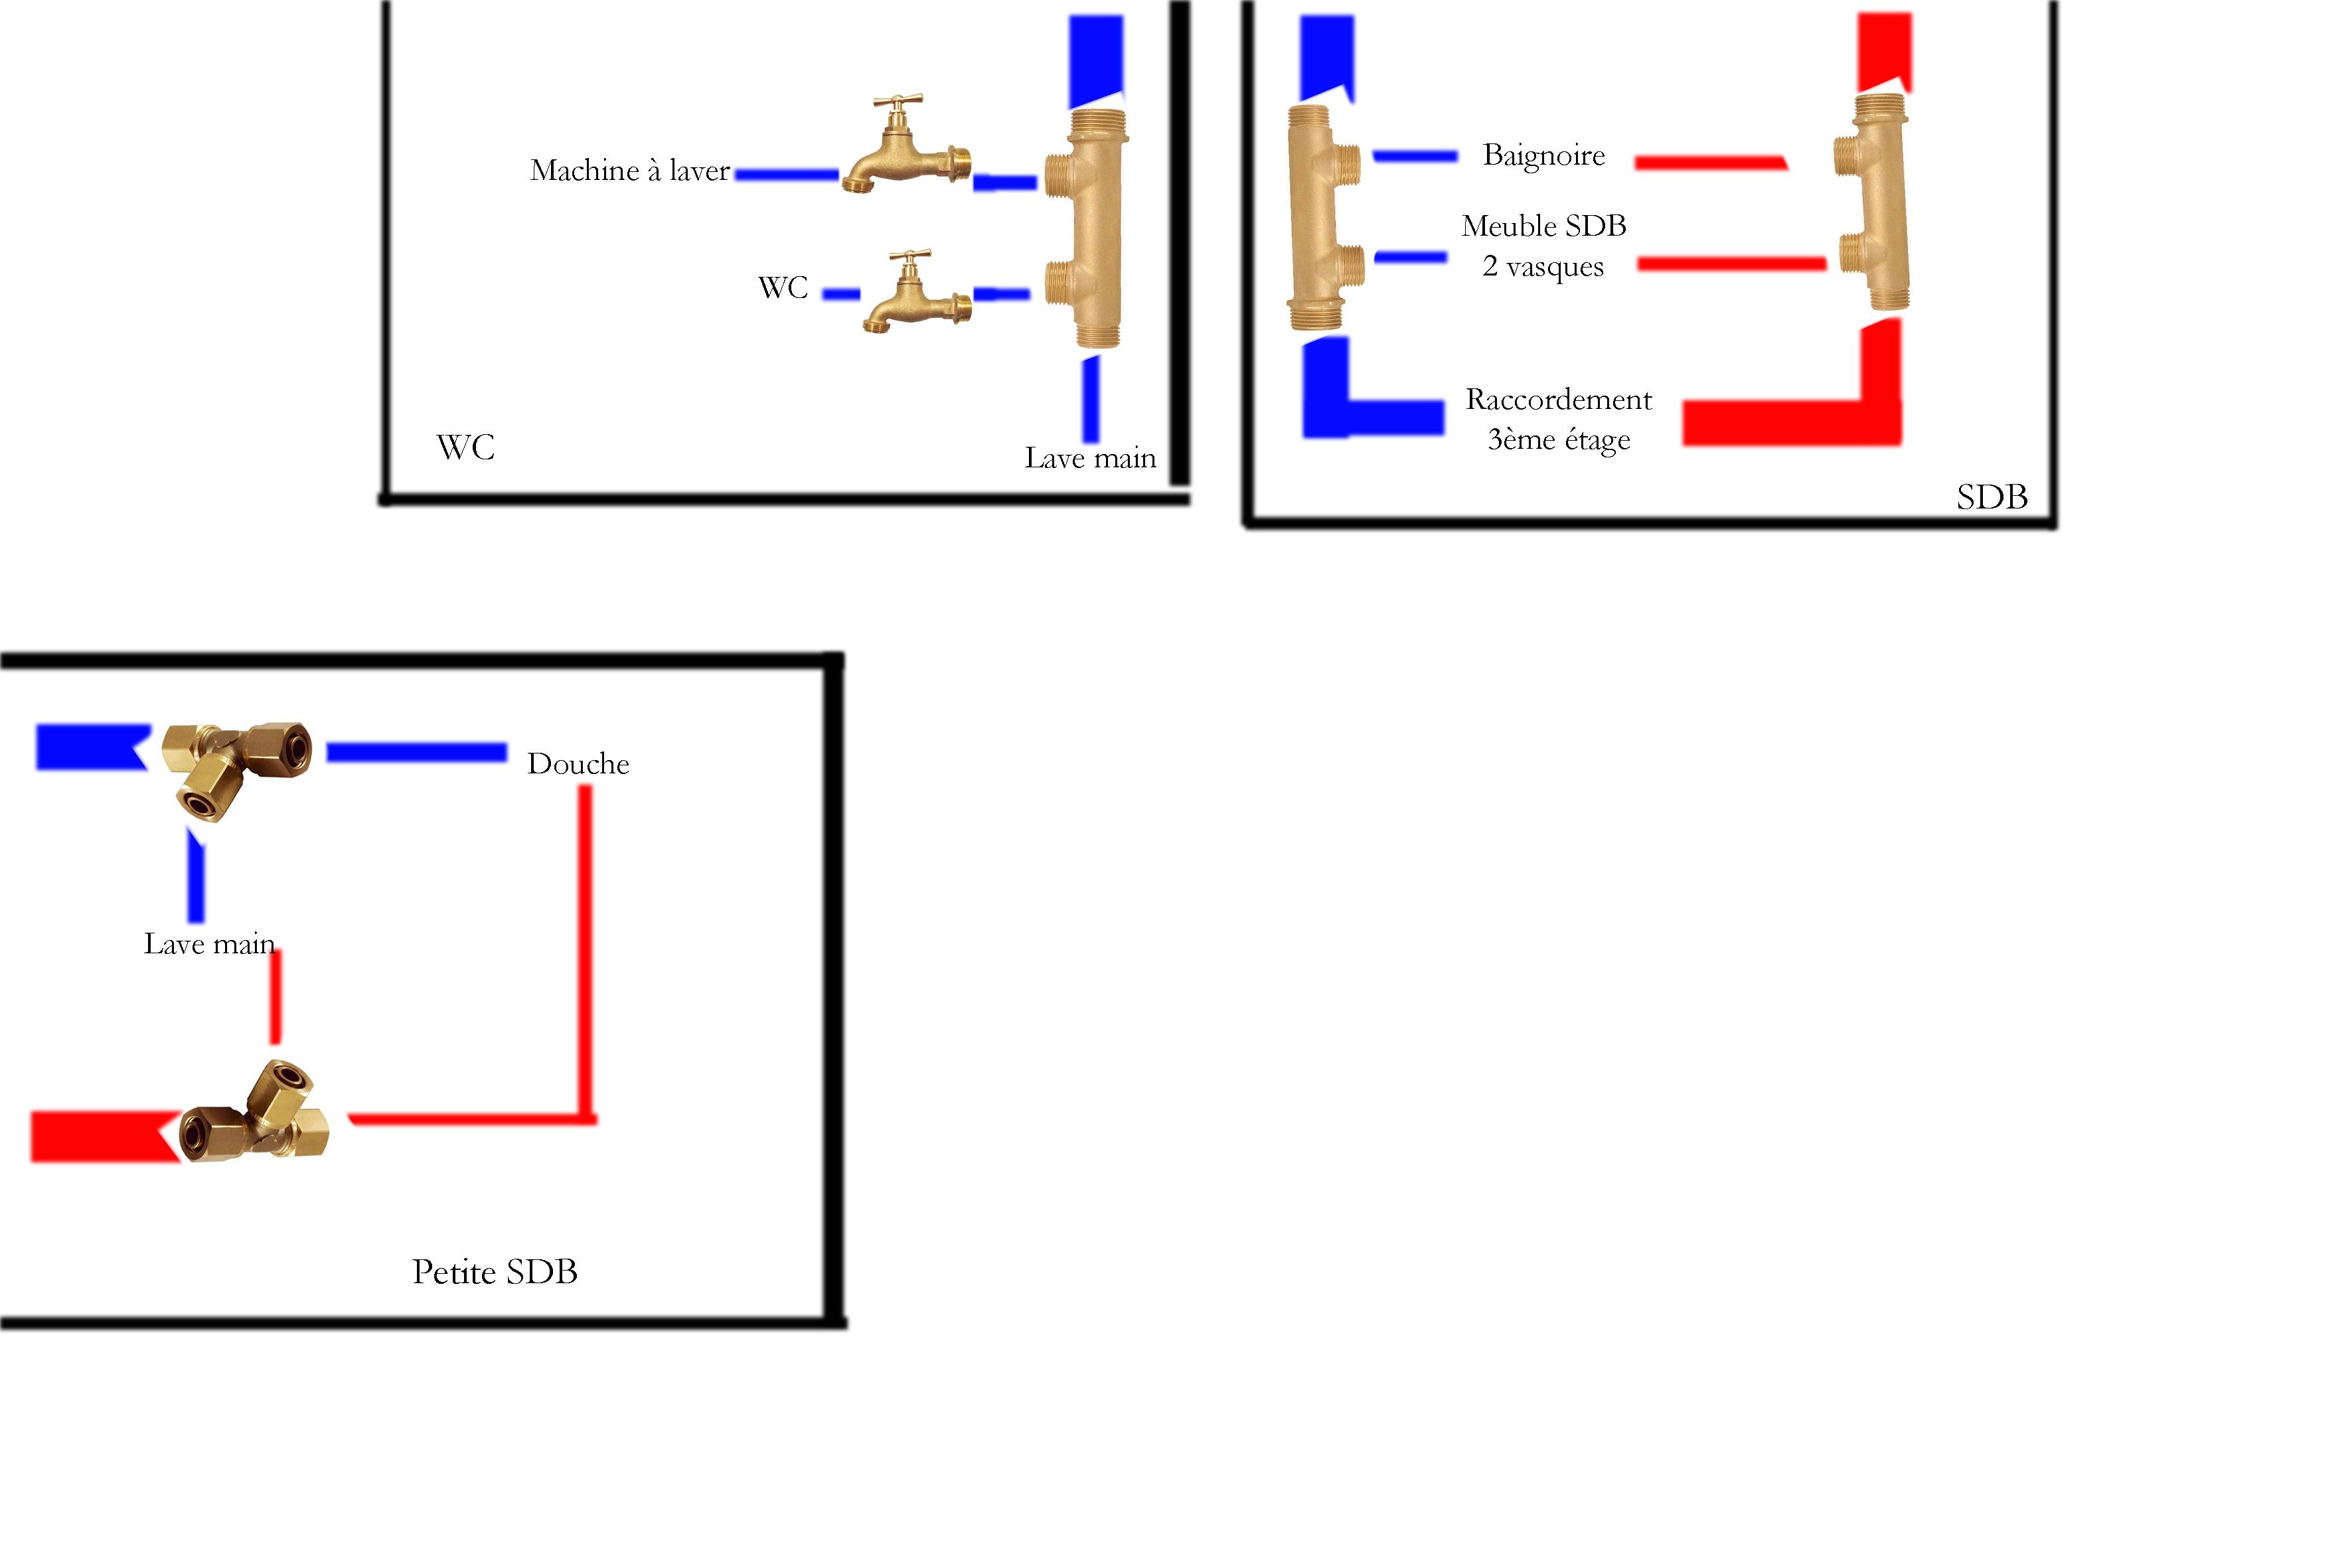 2ème étage per copie.jpg, 965.82 kb, 3543 x 2362